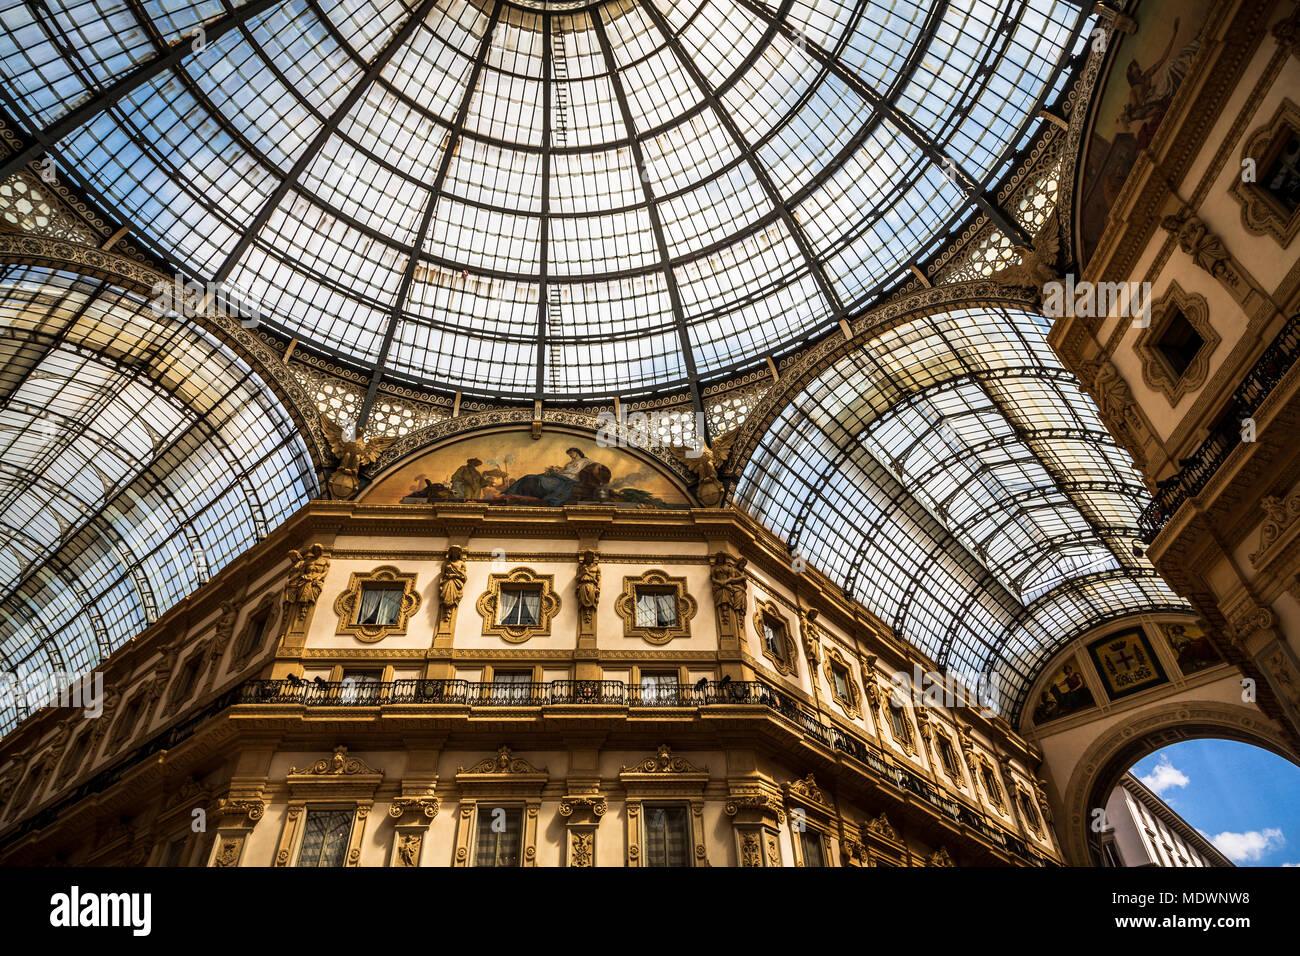 Milano, Italy, Galleria Vittorio Emanuele - Stock Image